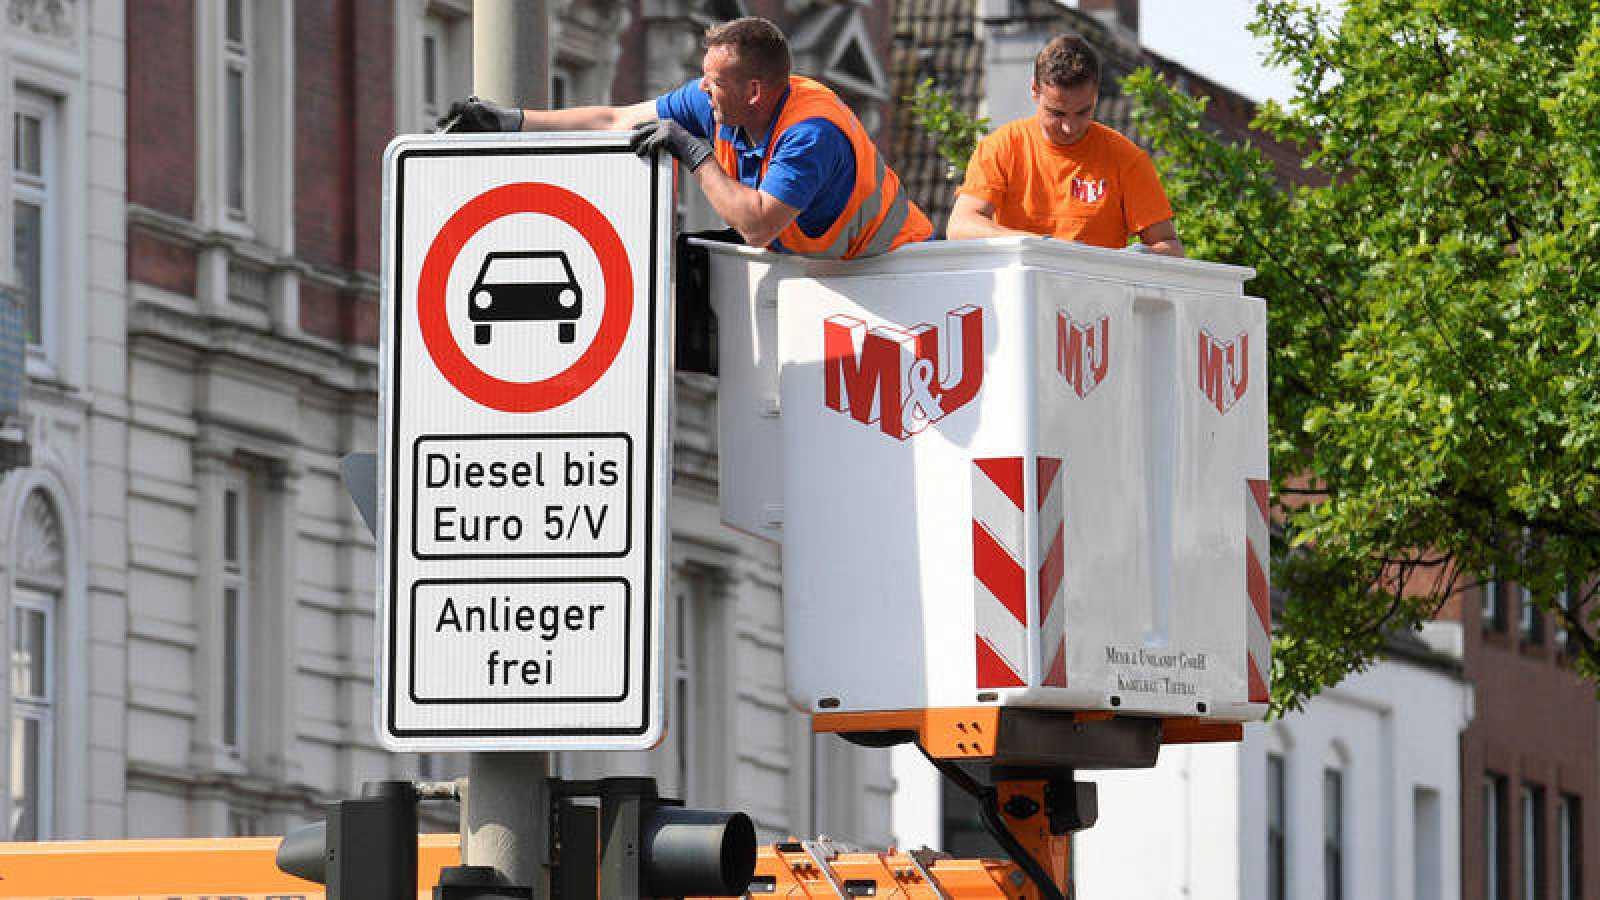 Llega la prohibición de los vehículos diésel a Alemania